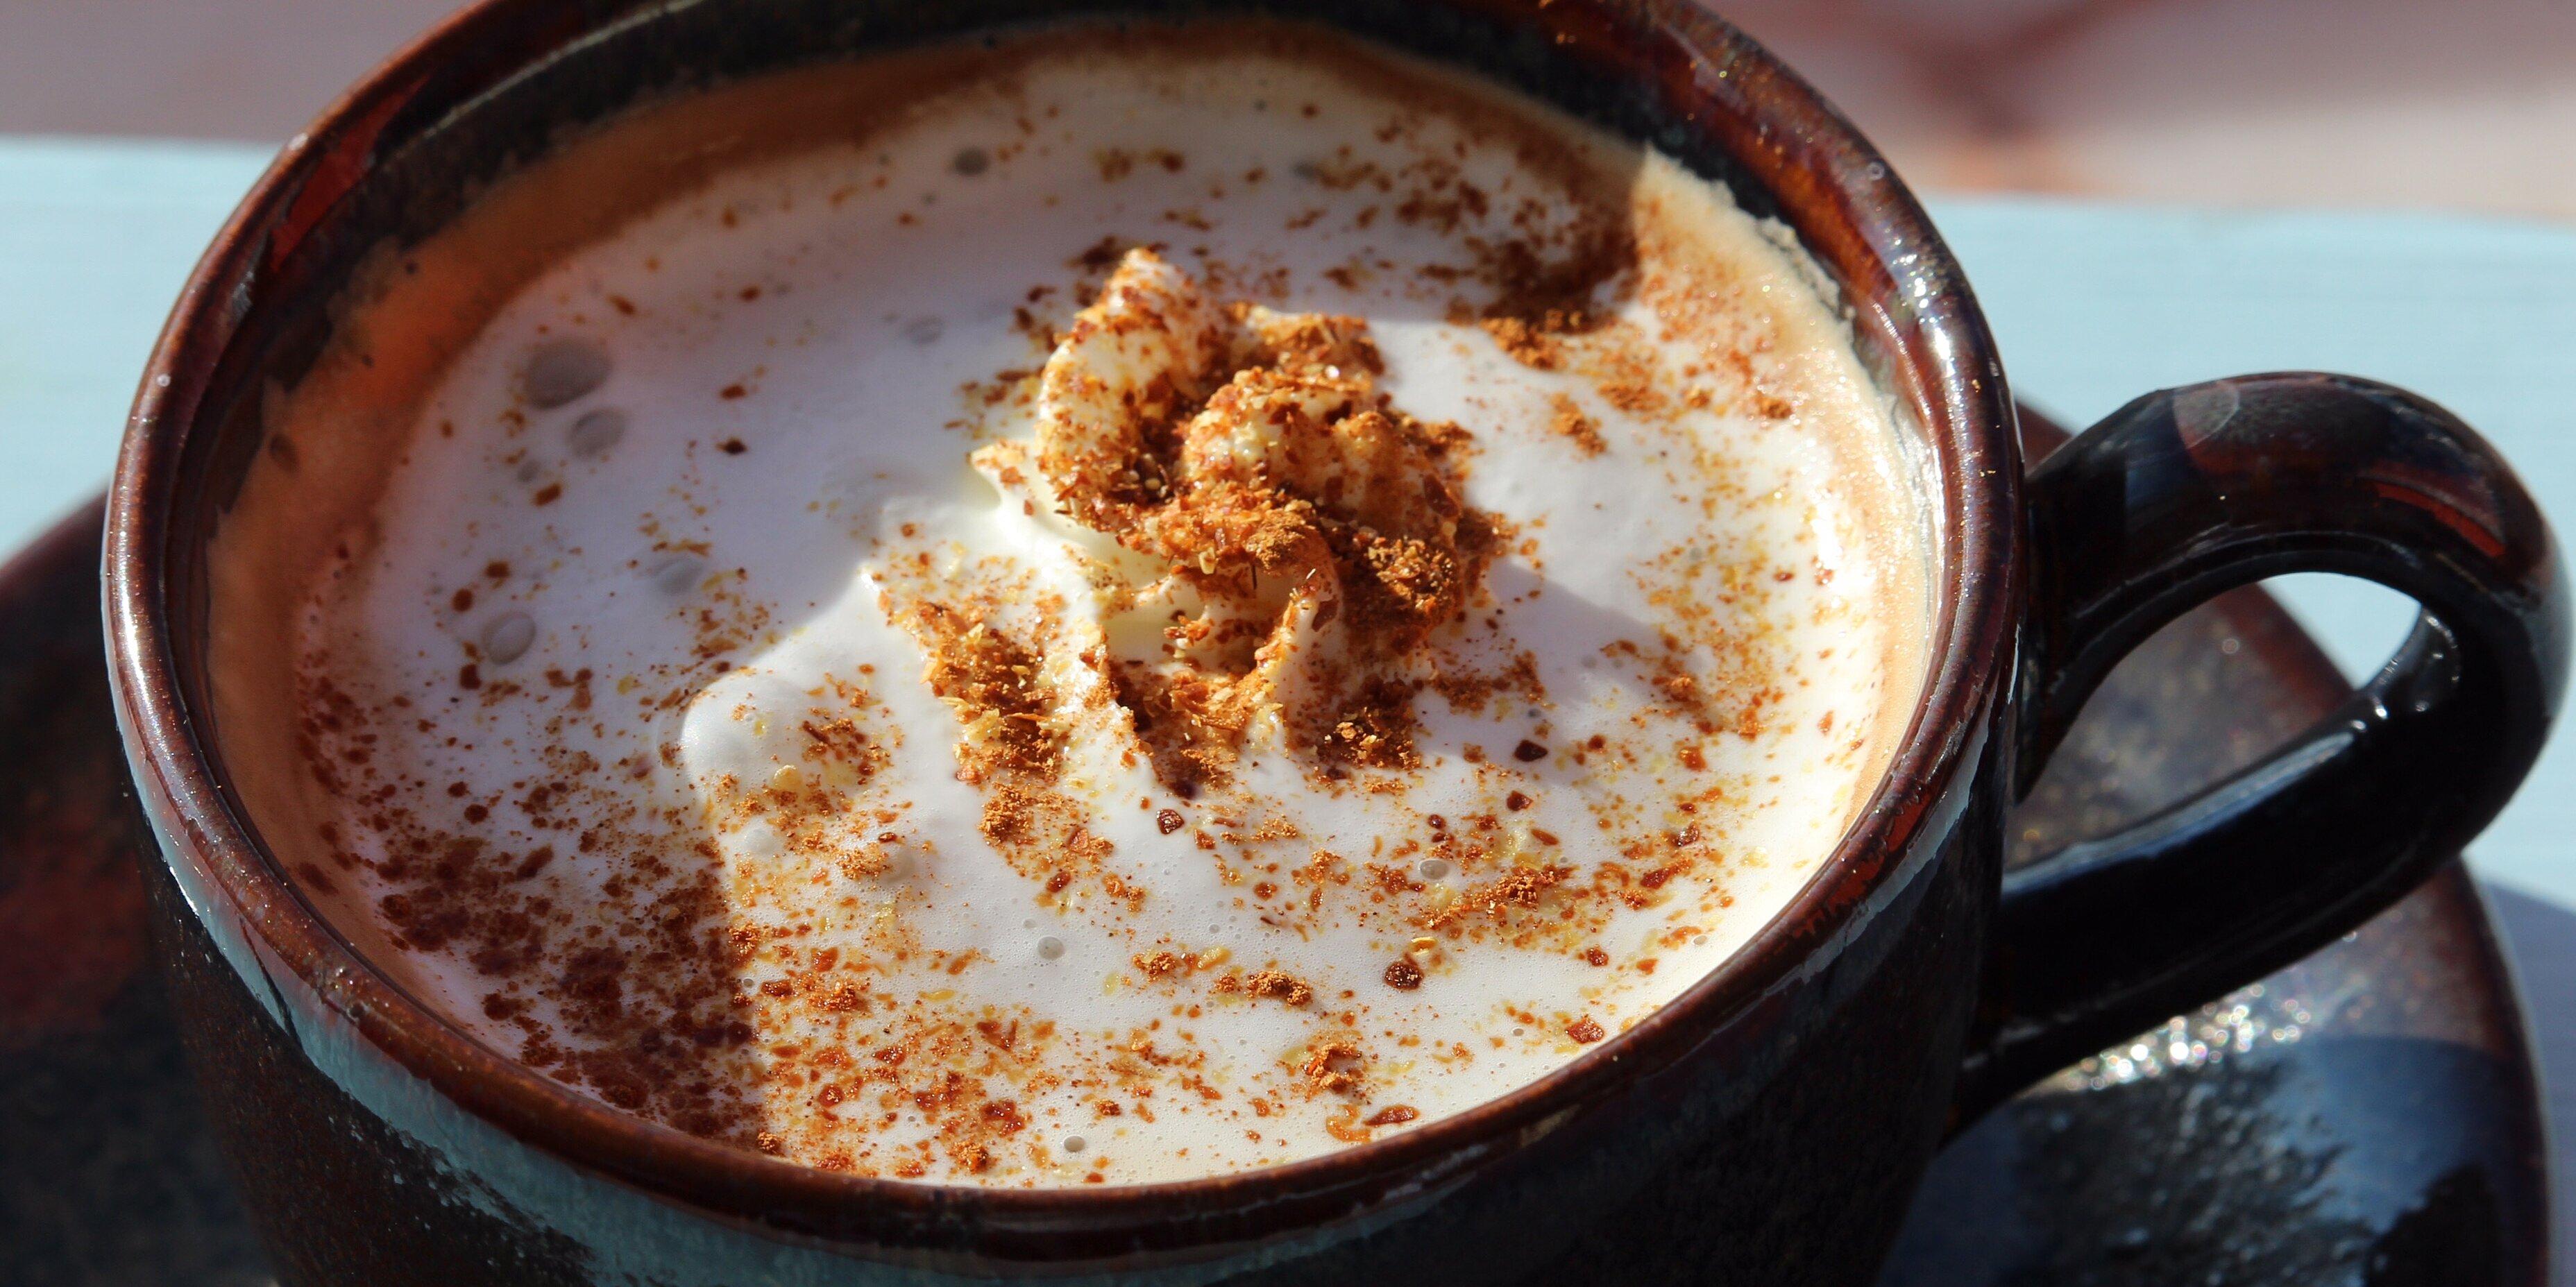 spiced coconut coffee recipe